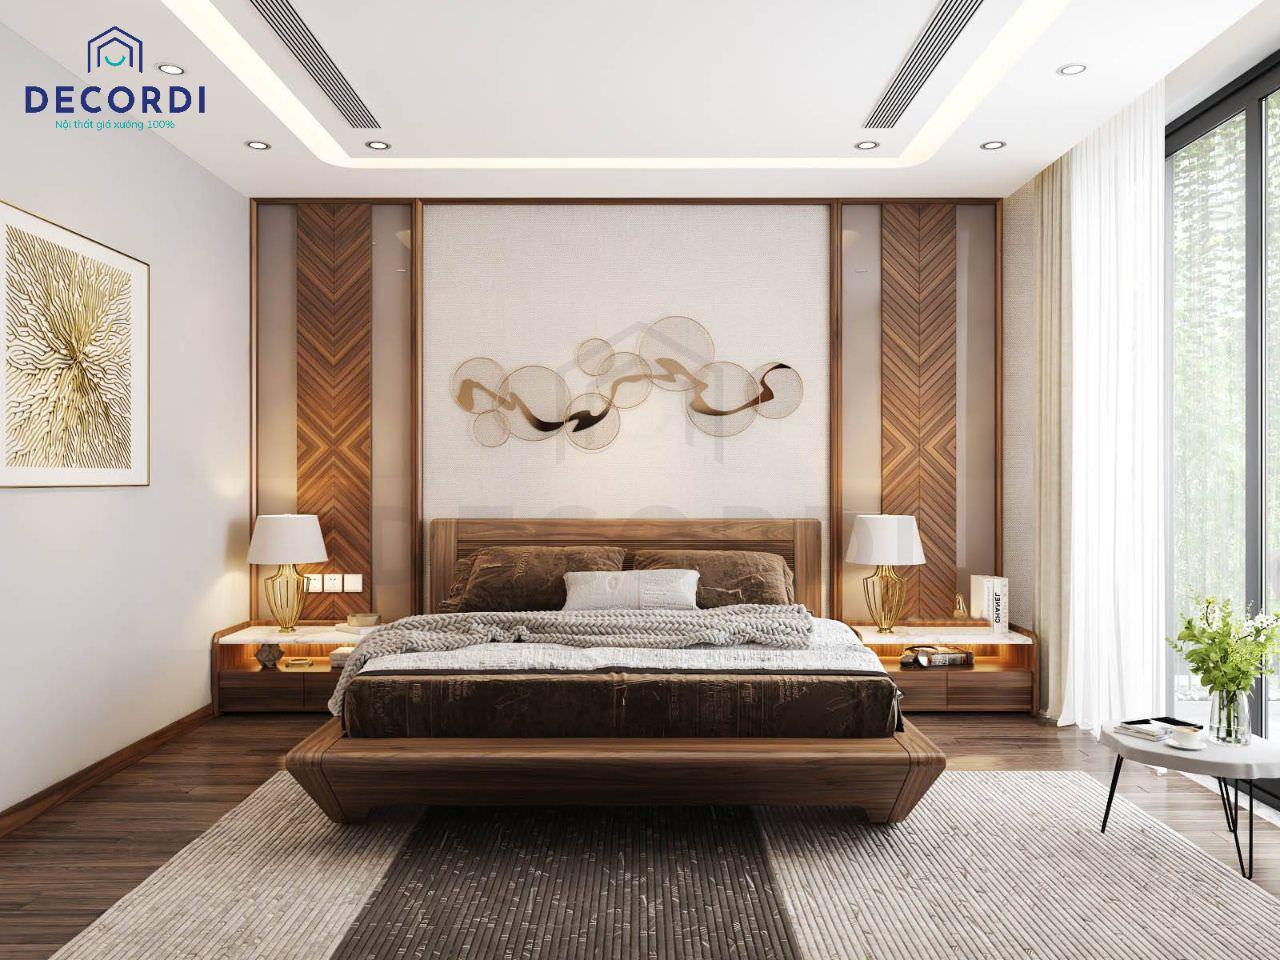 Mẫu phòng ngủ ông bà phong cách hiện đại, đảm bảo sự thông thoáng trong không gian